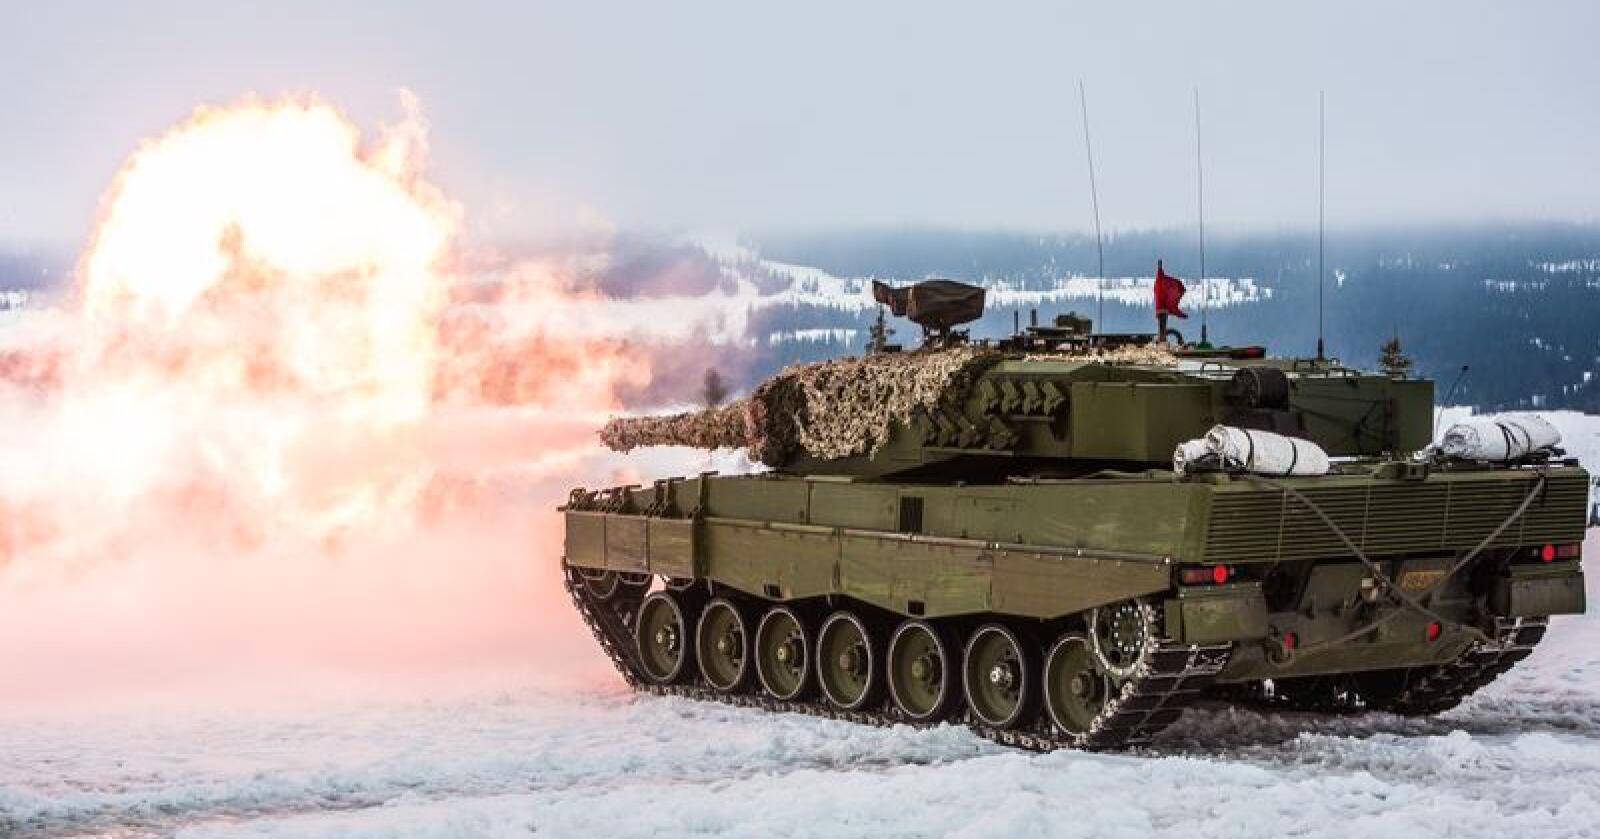 Den store NATO-øvelsen til høsten blir merkbar mange steder. Her fra en tidligere øvelse på Østlandet med Leopard 2 stridsvogner. (Foto: Henrik Røyne/Forsvaret)